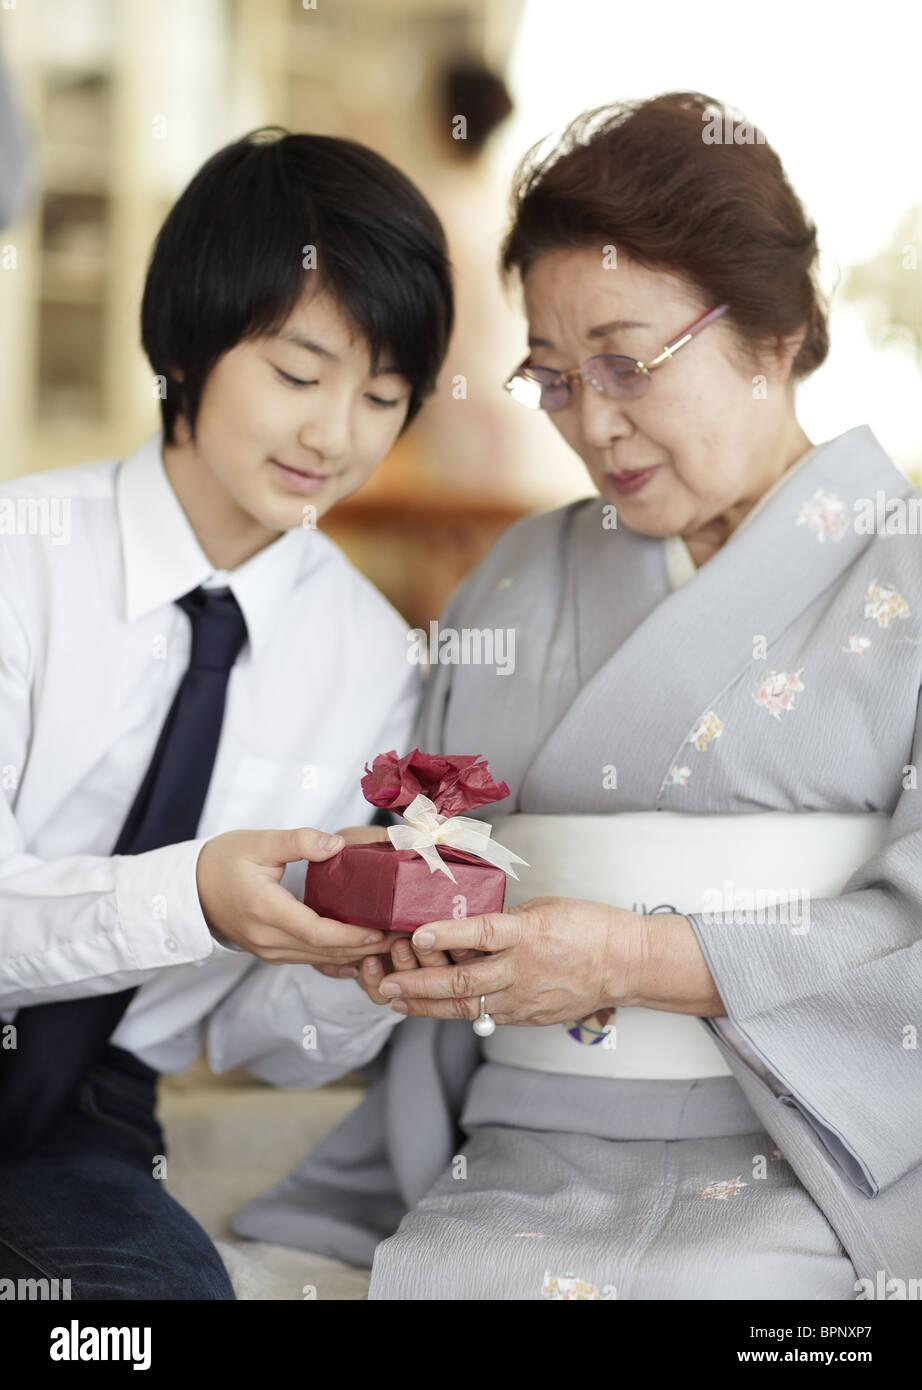 Junge, ein Geschenk seiner Großmutter Stockfoto, Bild: 31214799 - Alamy